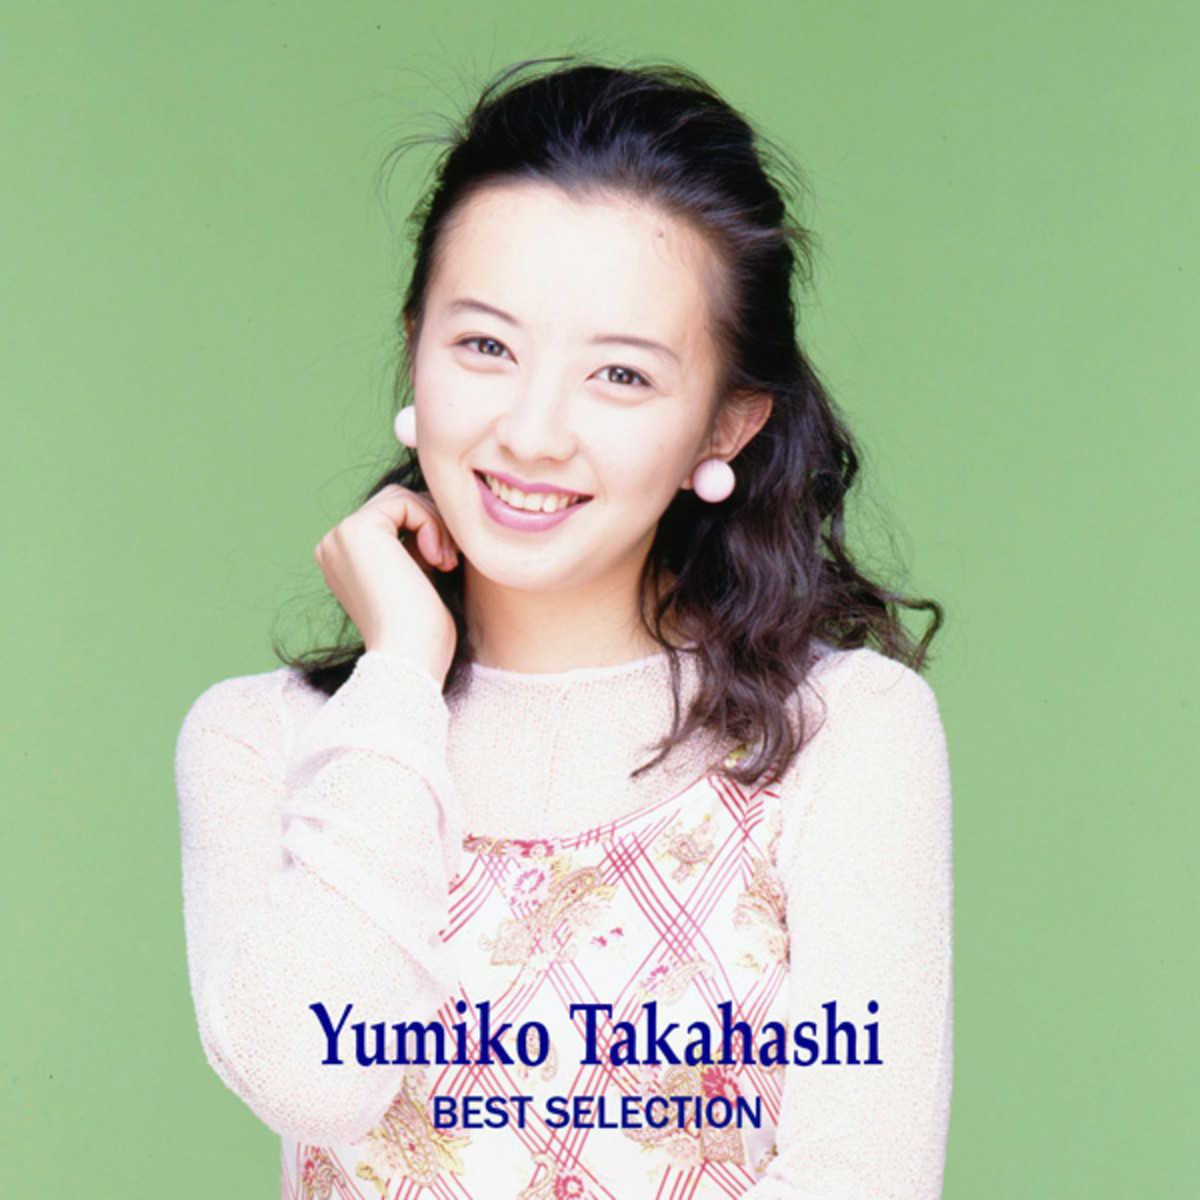 首元に手を置いて首をかしげて微笑む高橋由美子